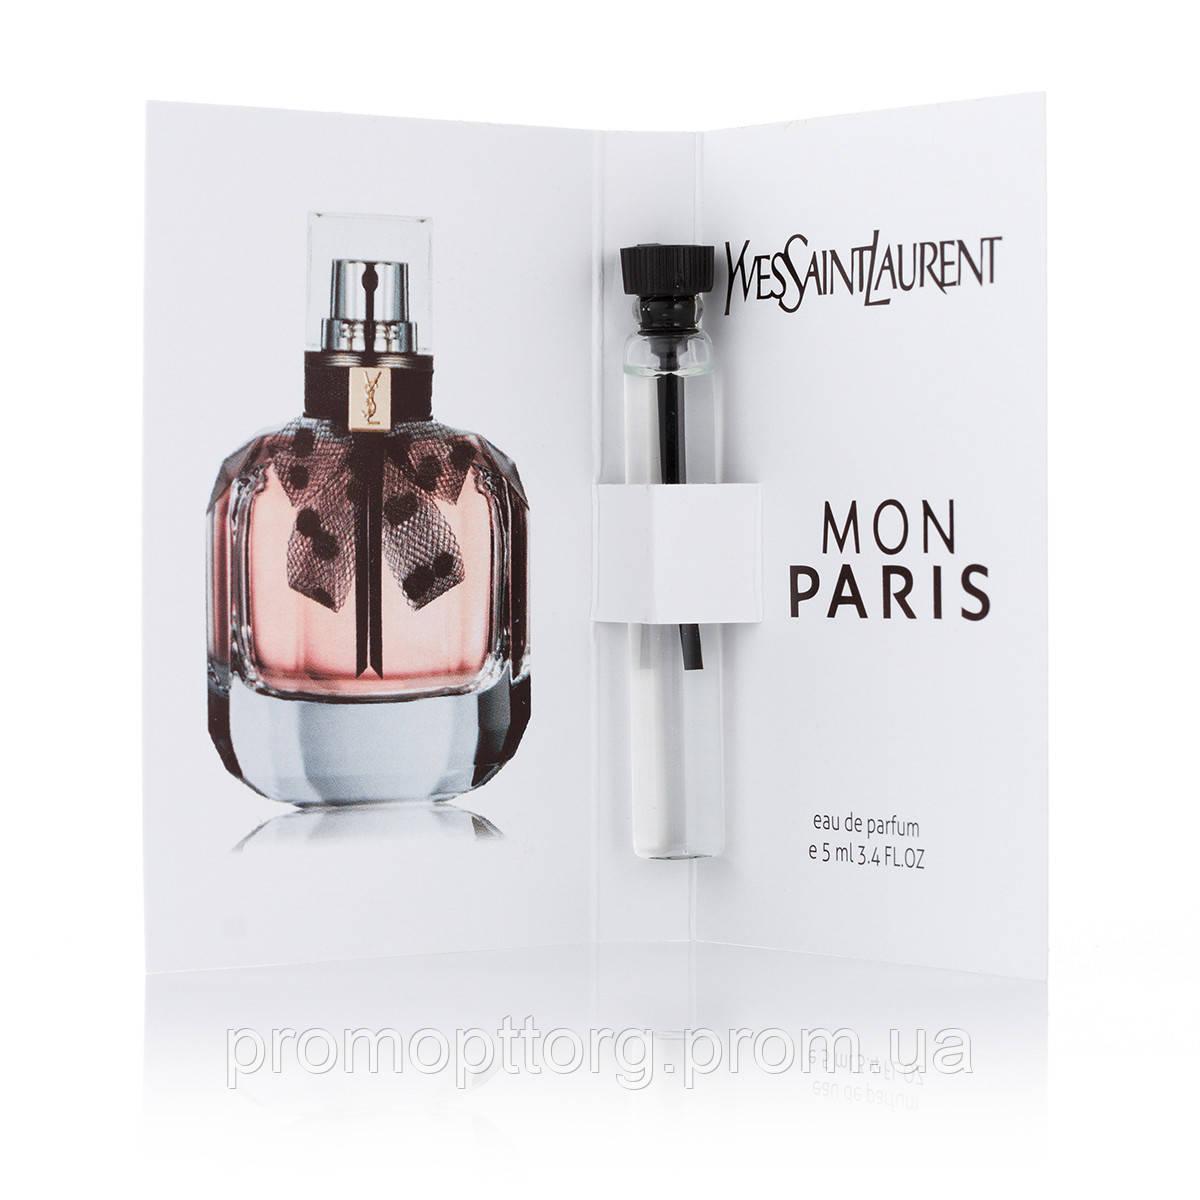 Женская парфюмированная вода Yves Saint Laurent Mon Paris (ив сен лоран мун париж) пробник 5 ml (реплика)